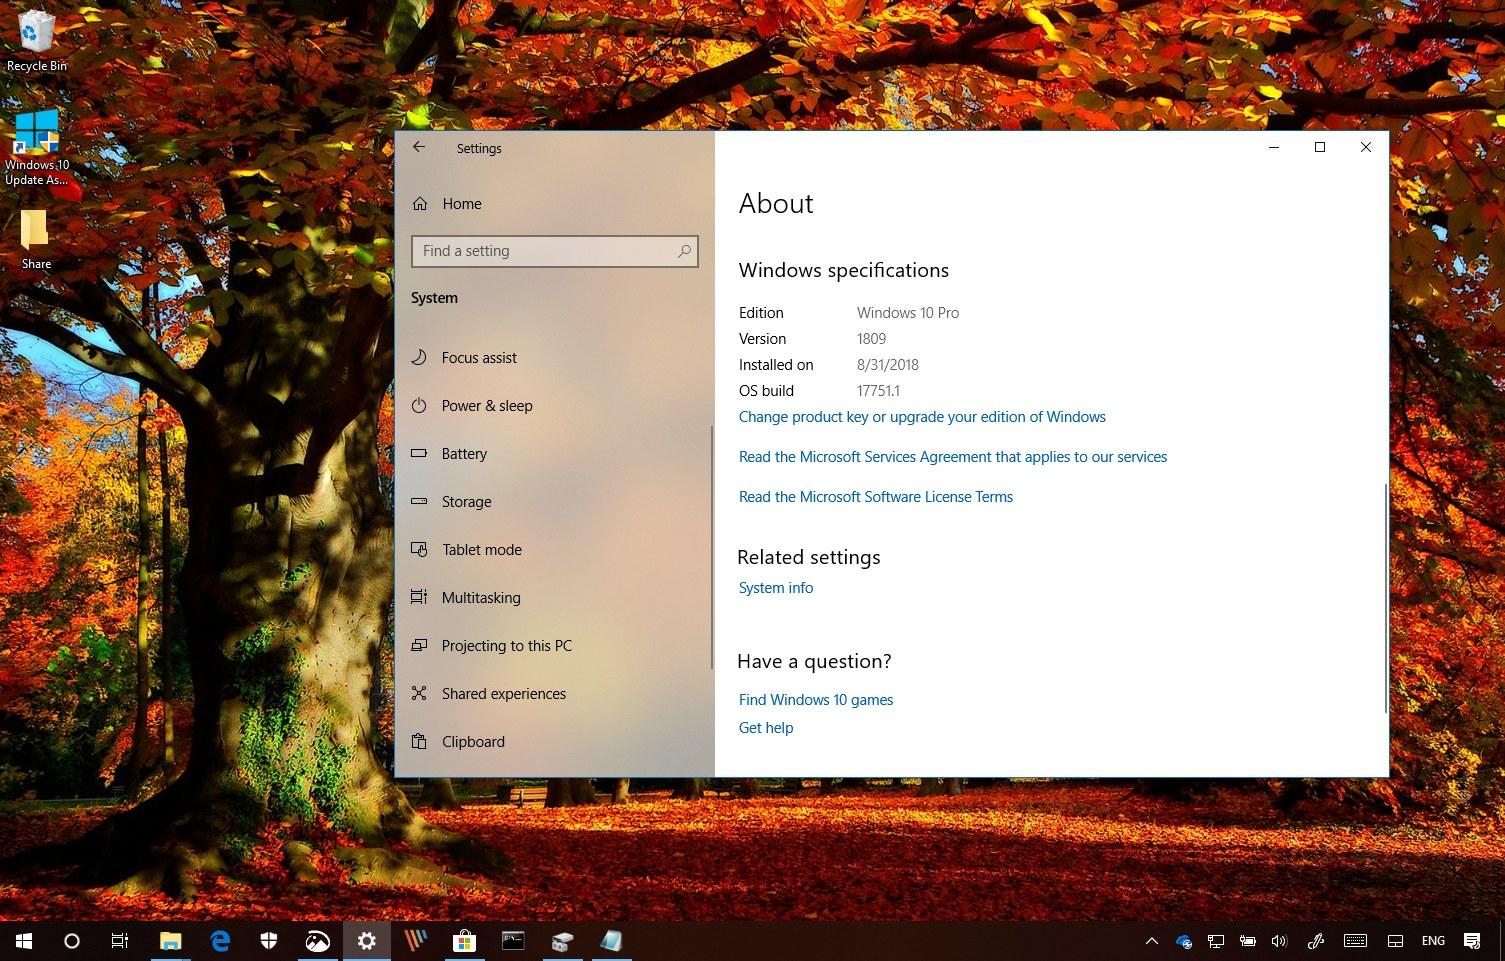 Windows 10 1809 Iso Limetorrents